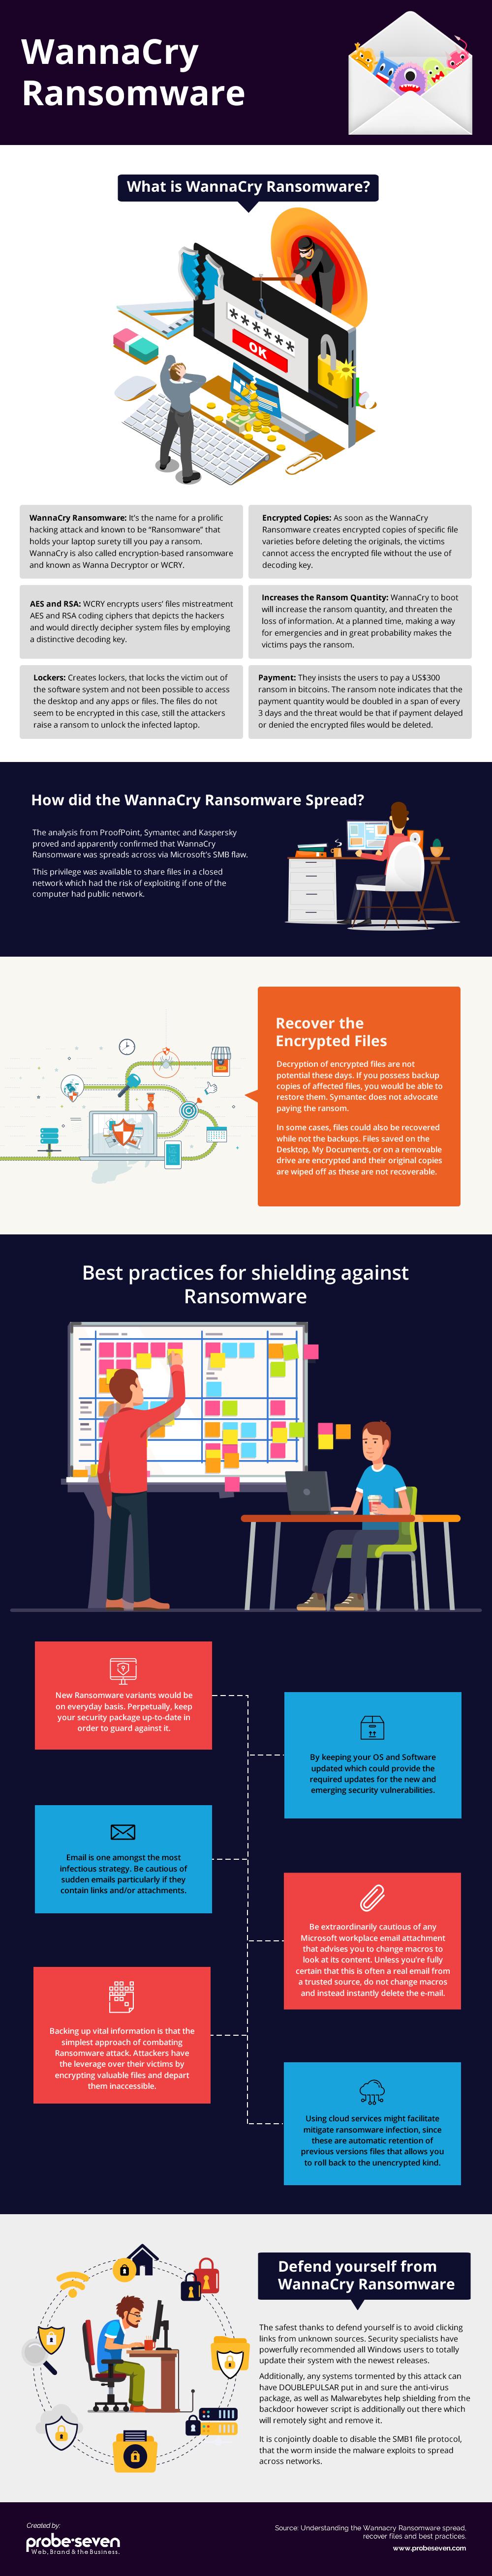 Understanding WannaCry Ransomware: An Infographic